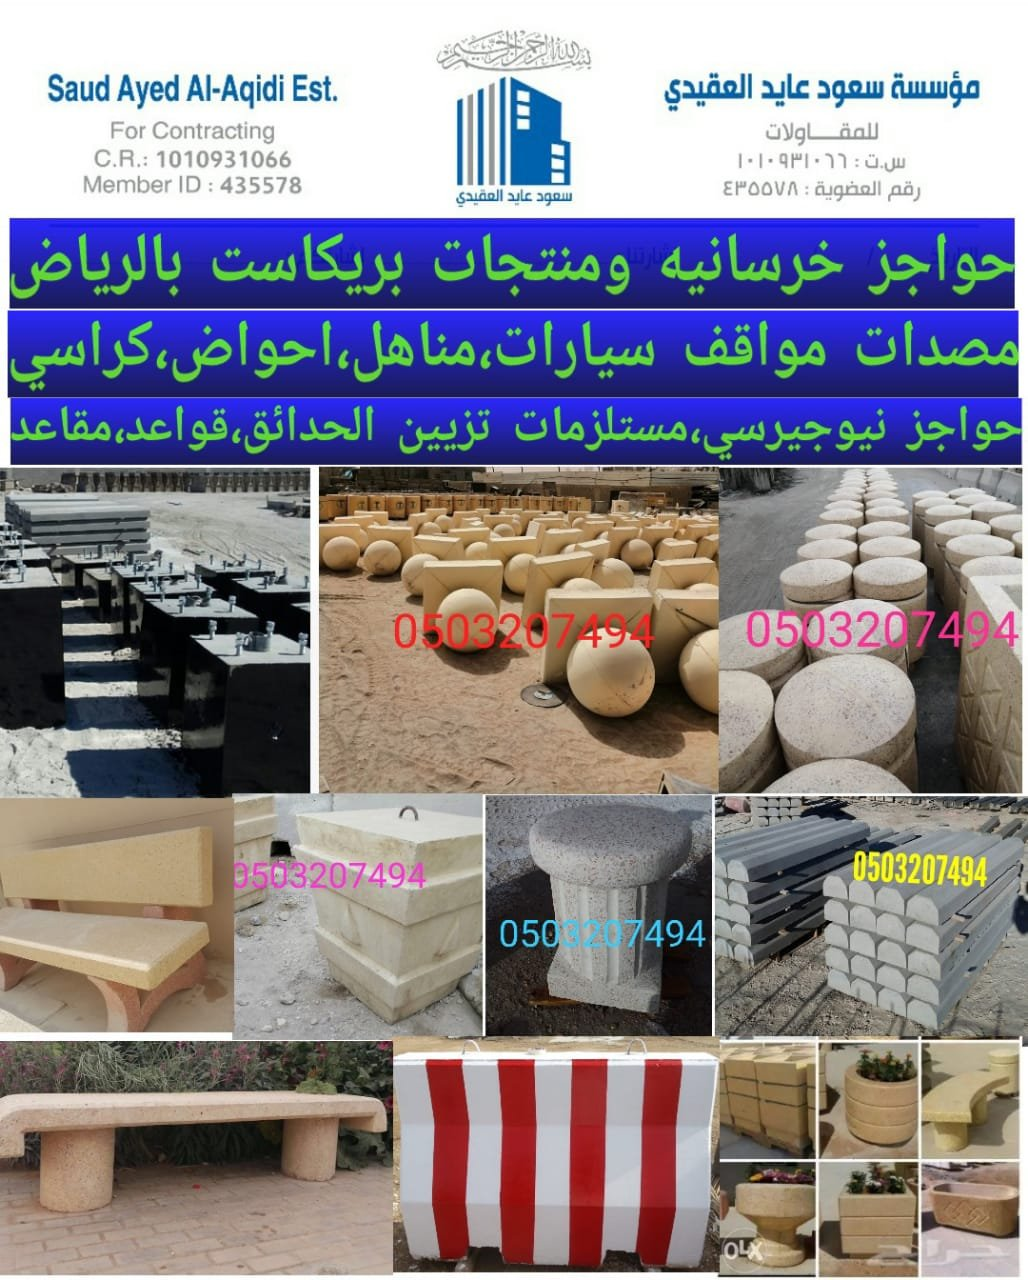 مؤسسة سعود العقيدي 0503207494 صبات خرسانيه بالرياض.مصدات اسمنتية في الرياض P_1410hu9e70